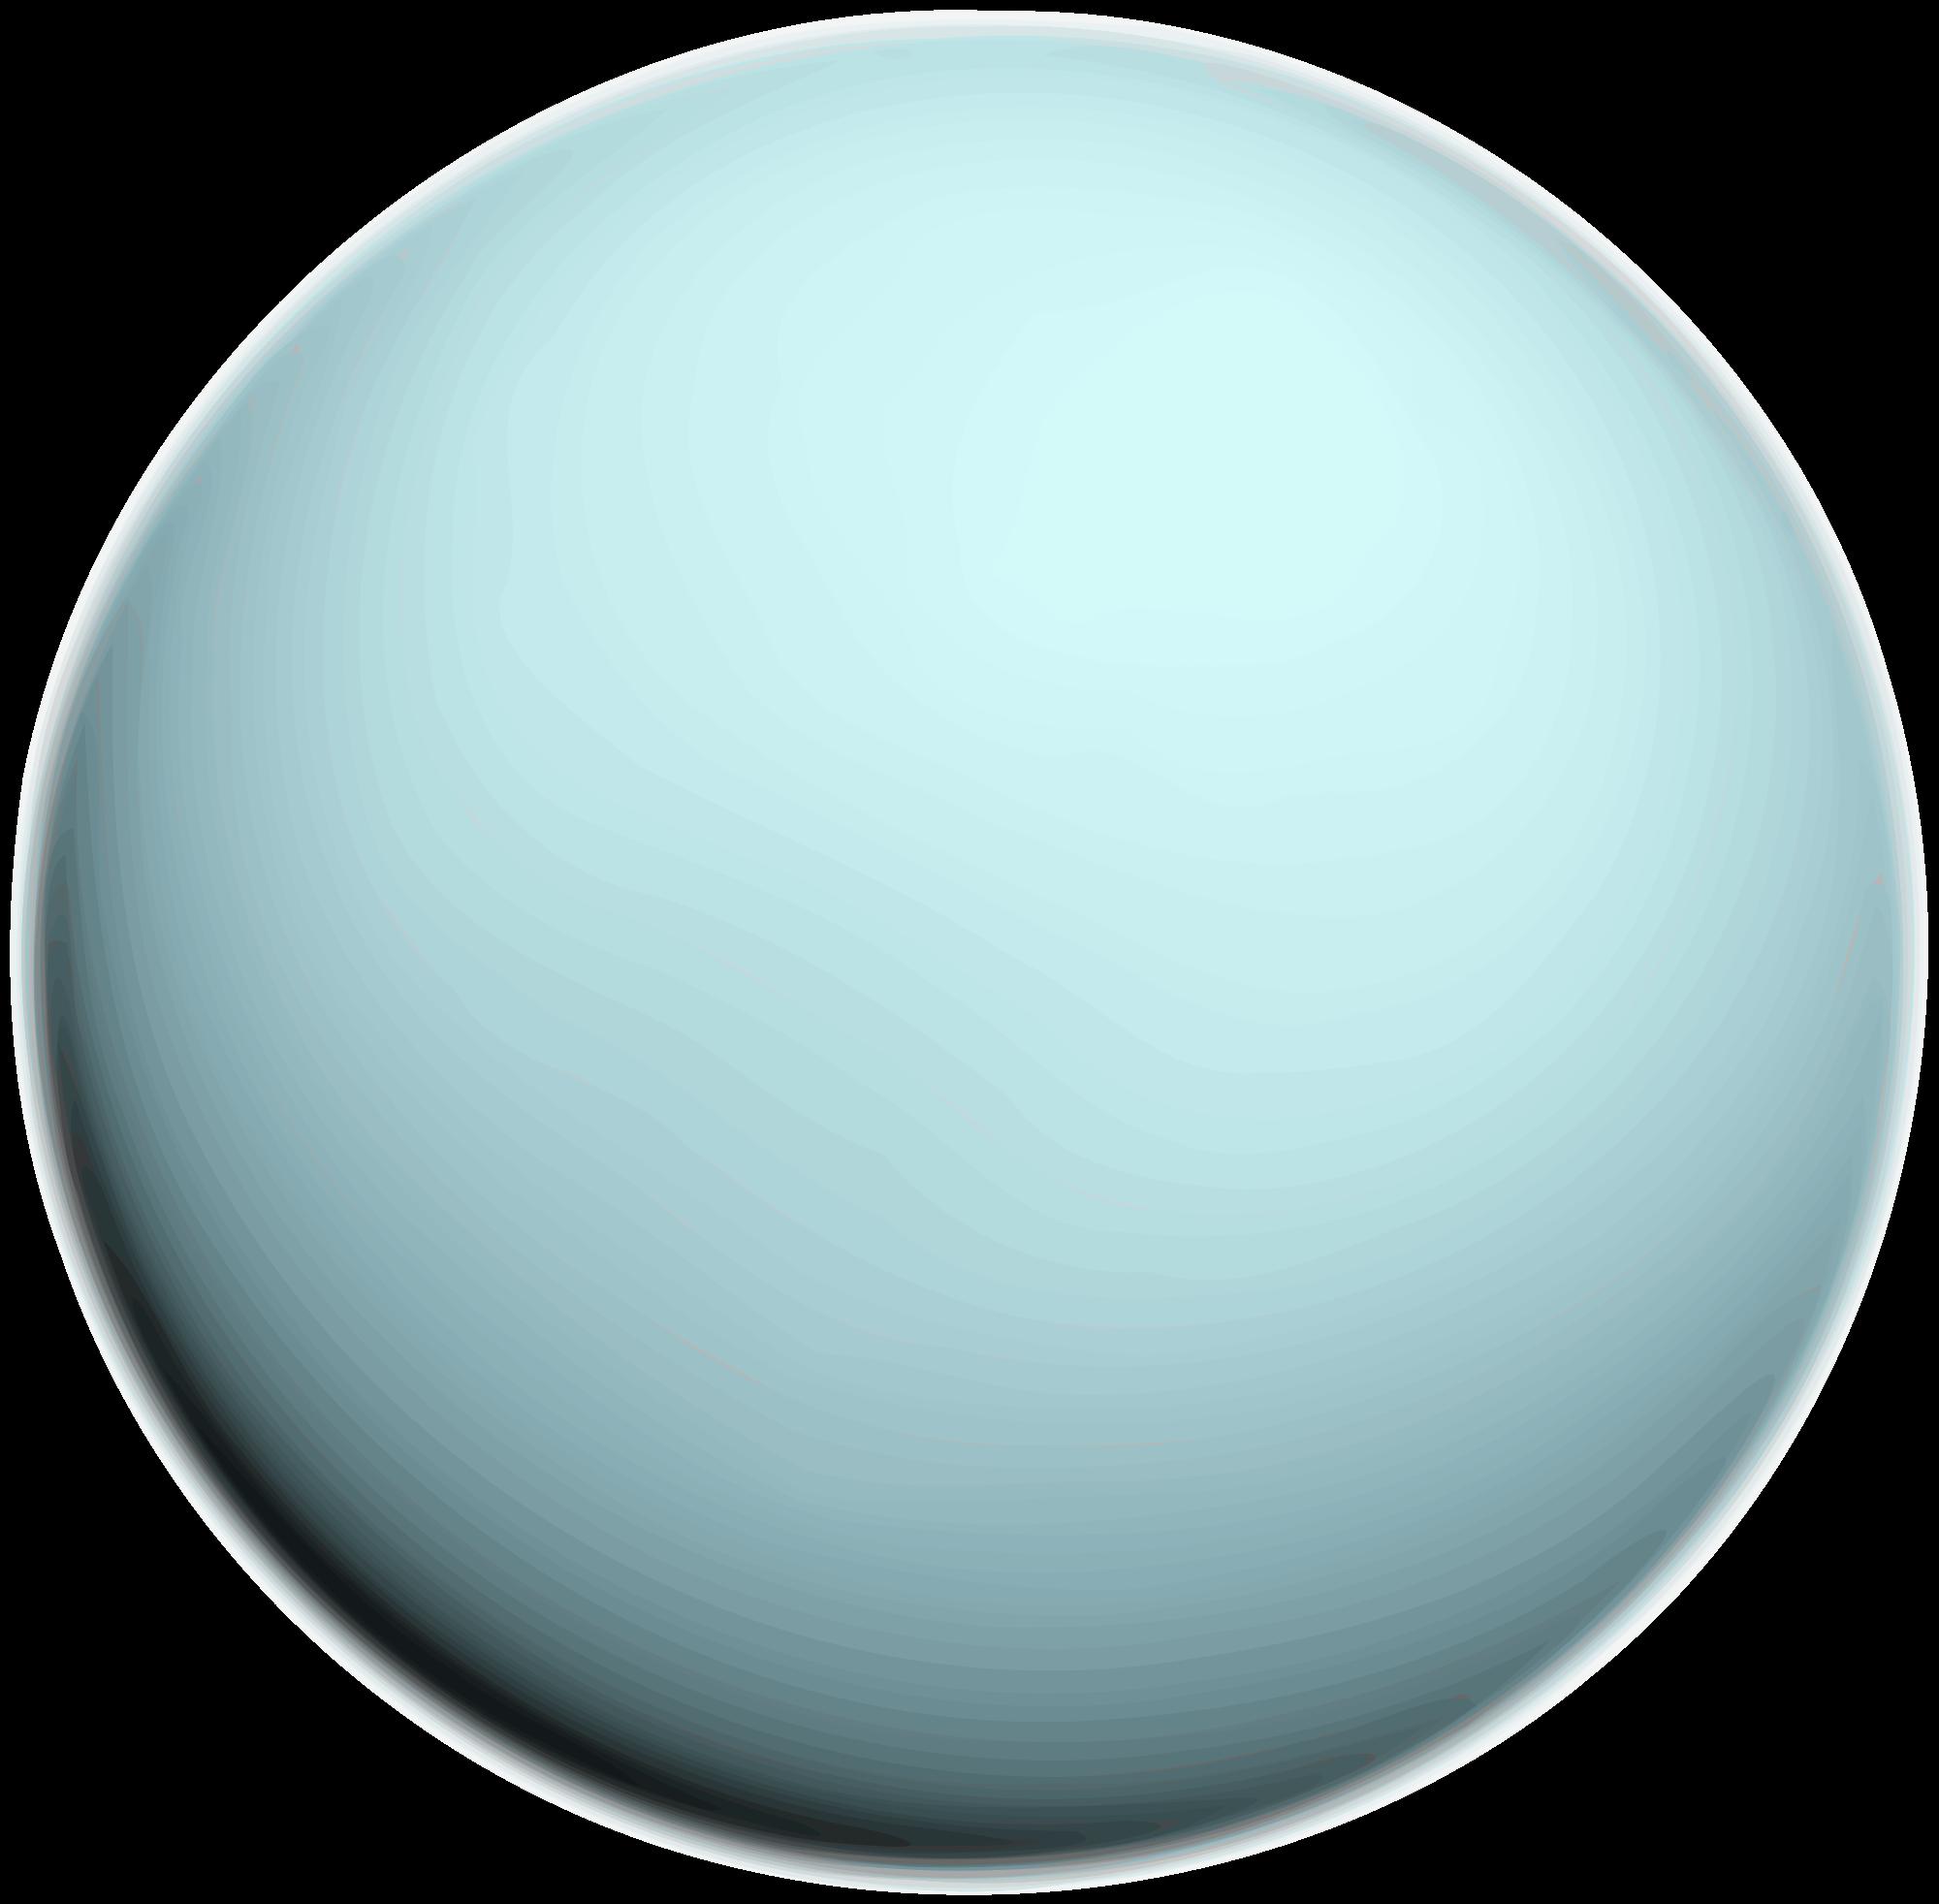 Planeten clipart uranus. File by merlin svg